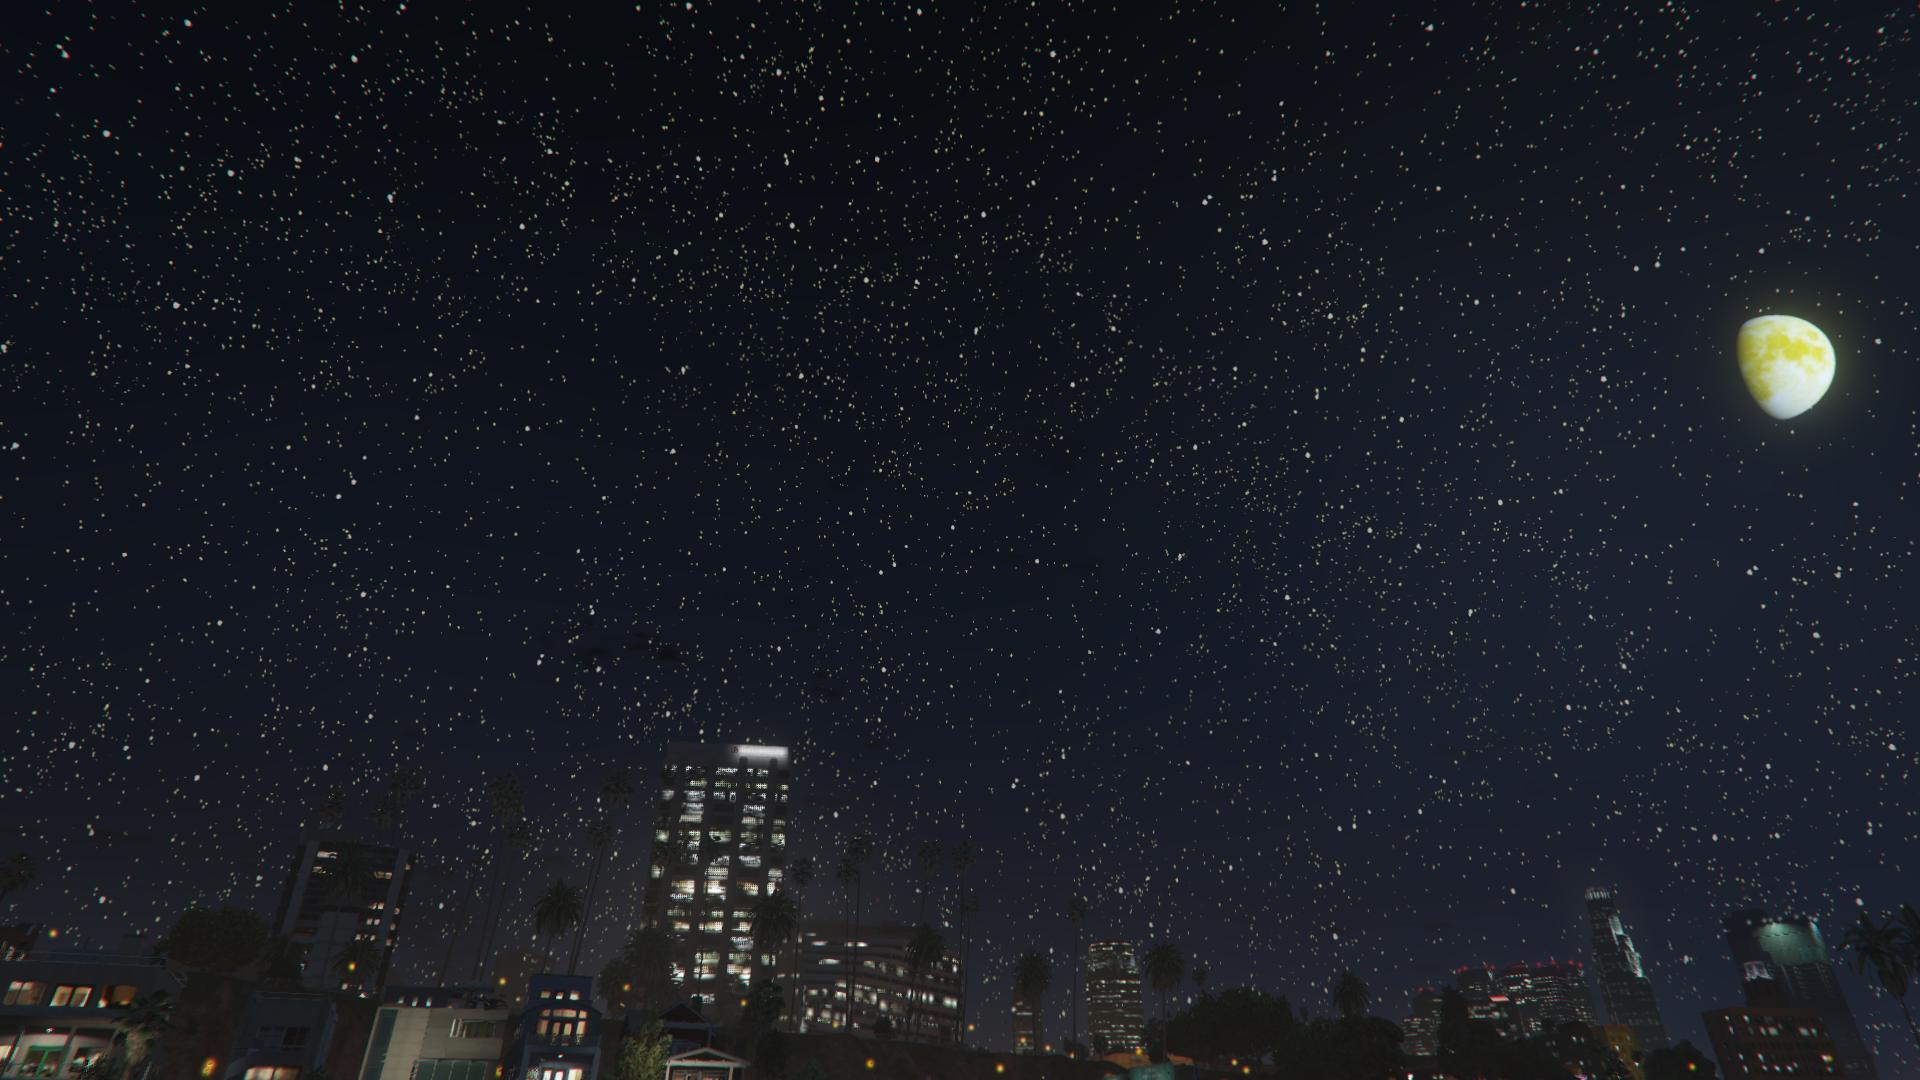 Ảnh background trời đêm trên thành phố